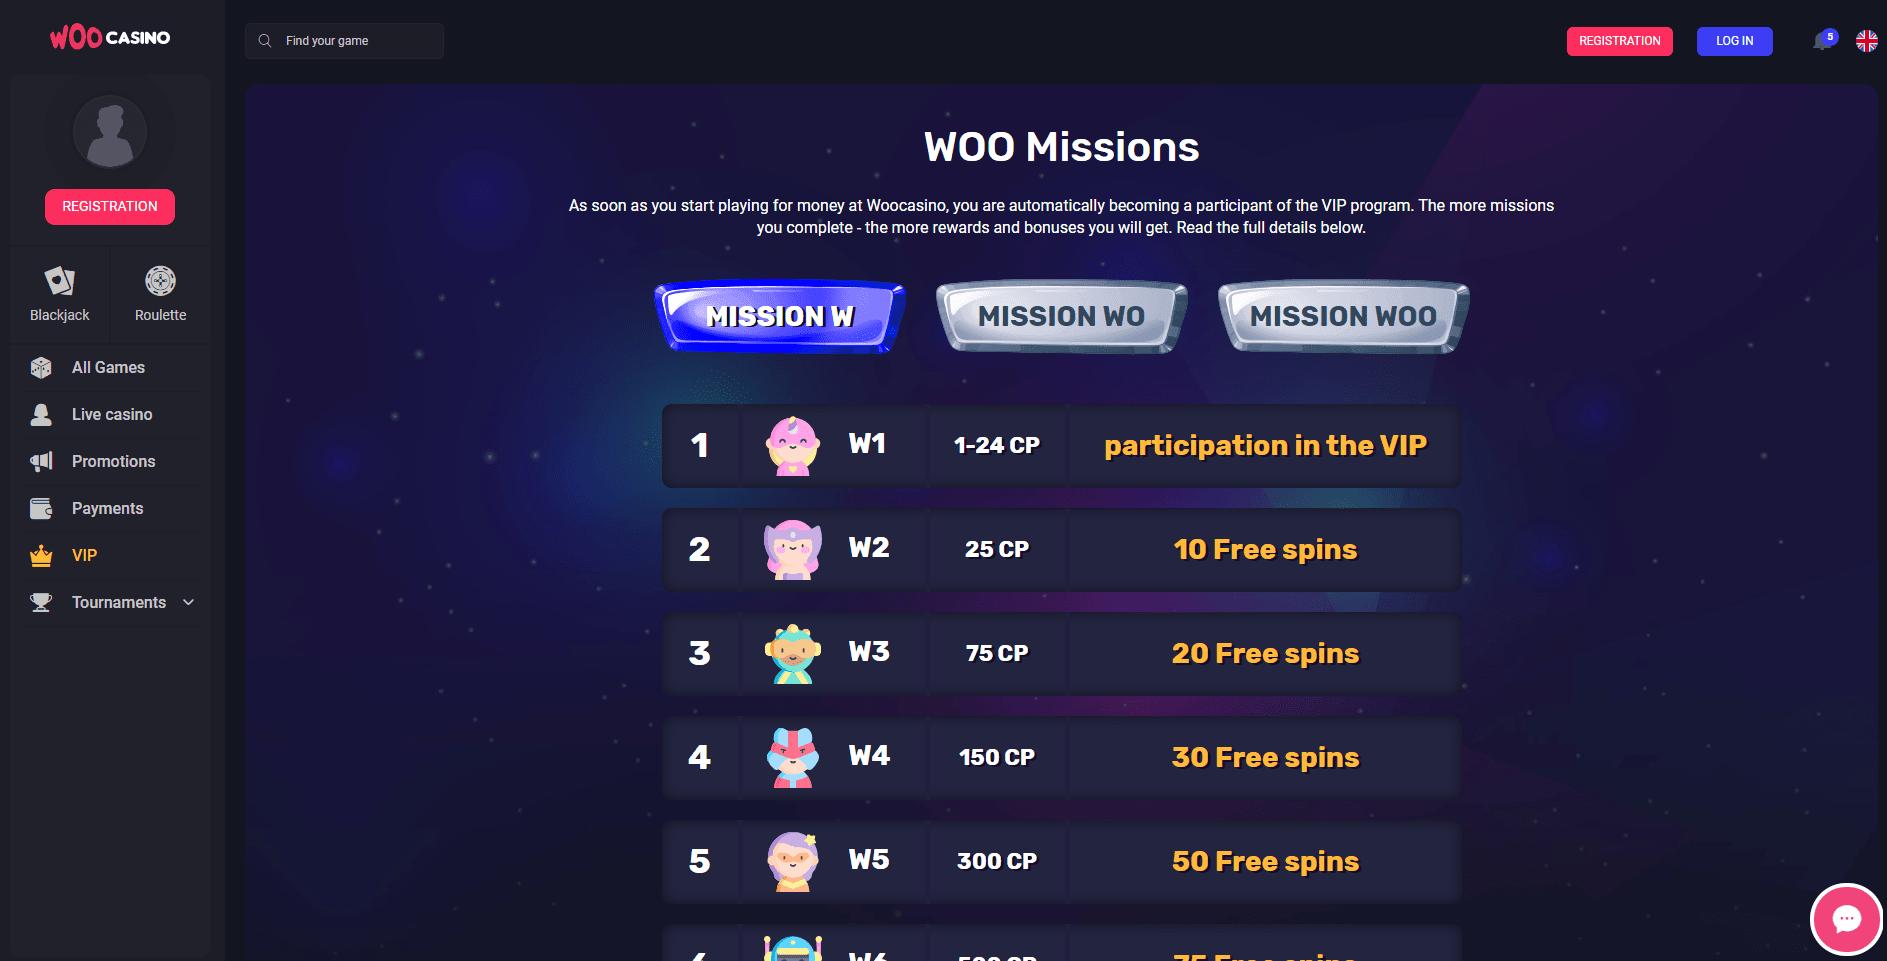 Wsop official site